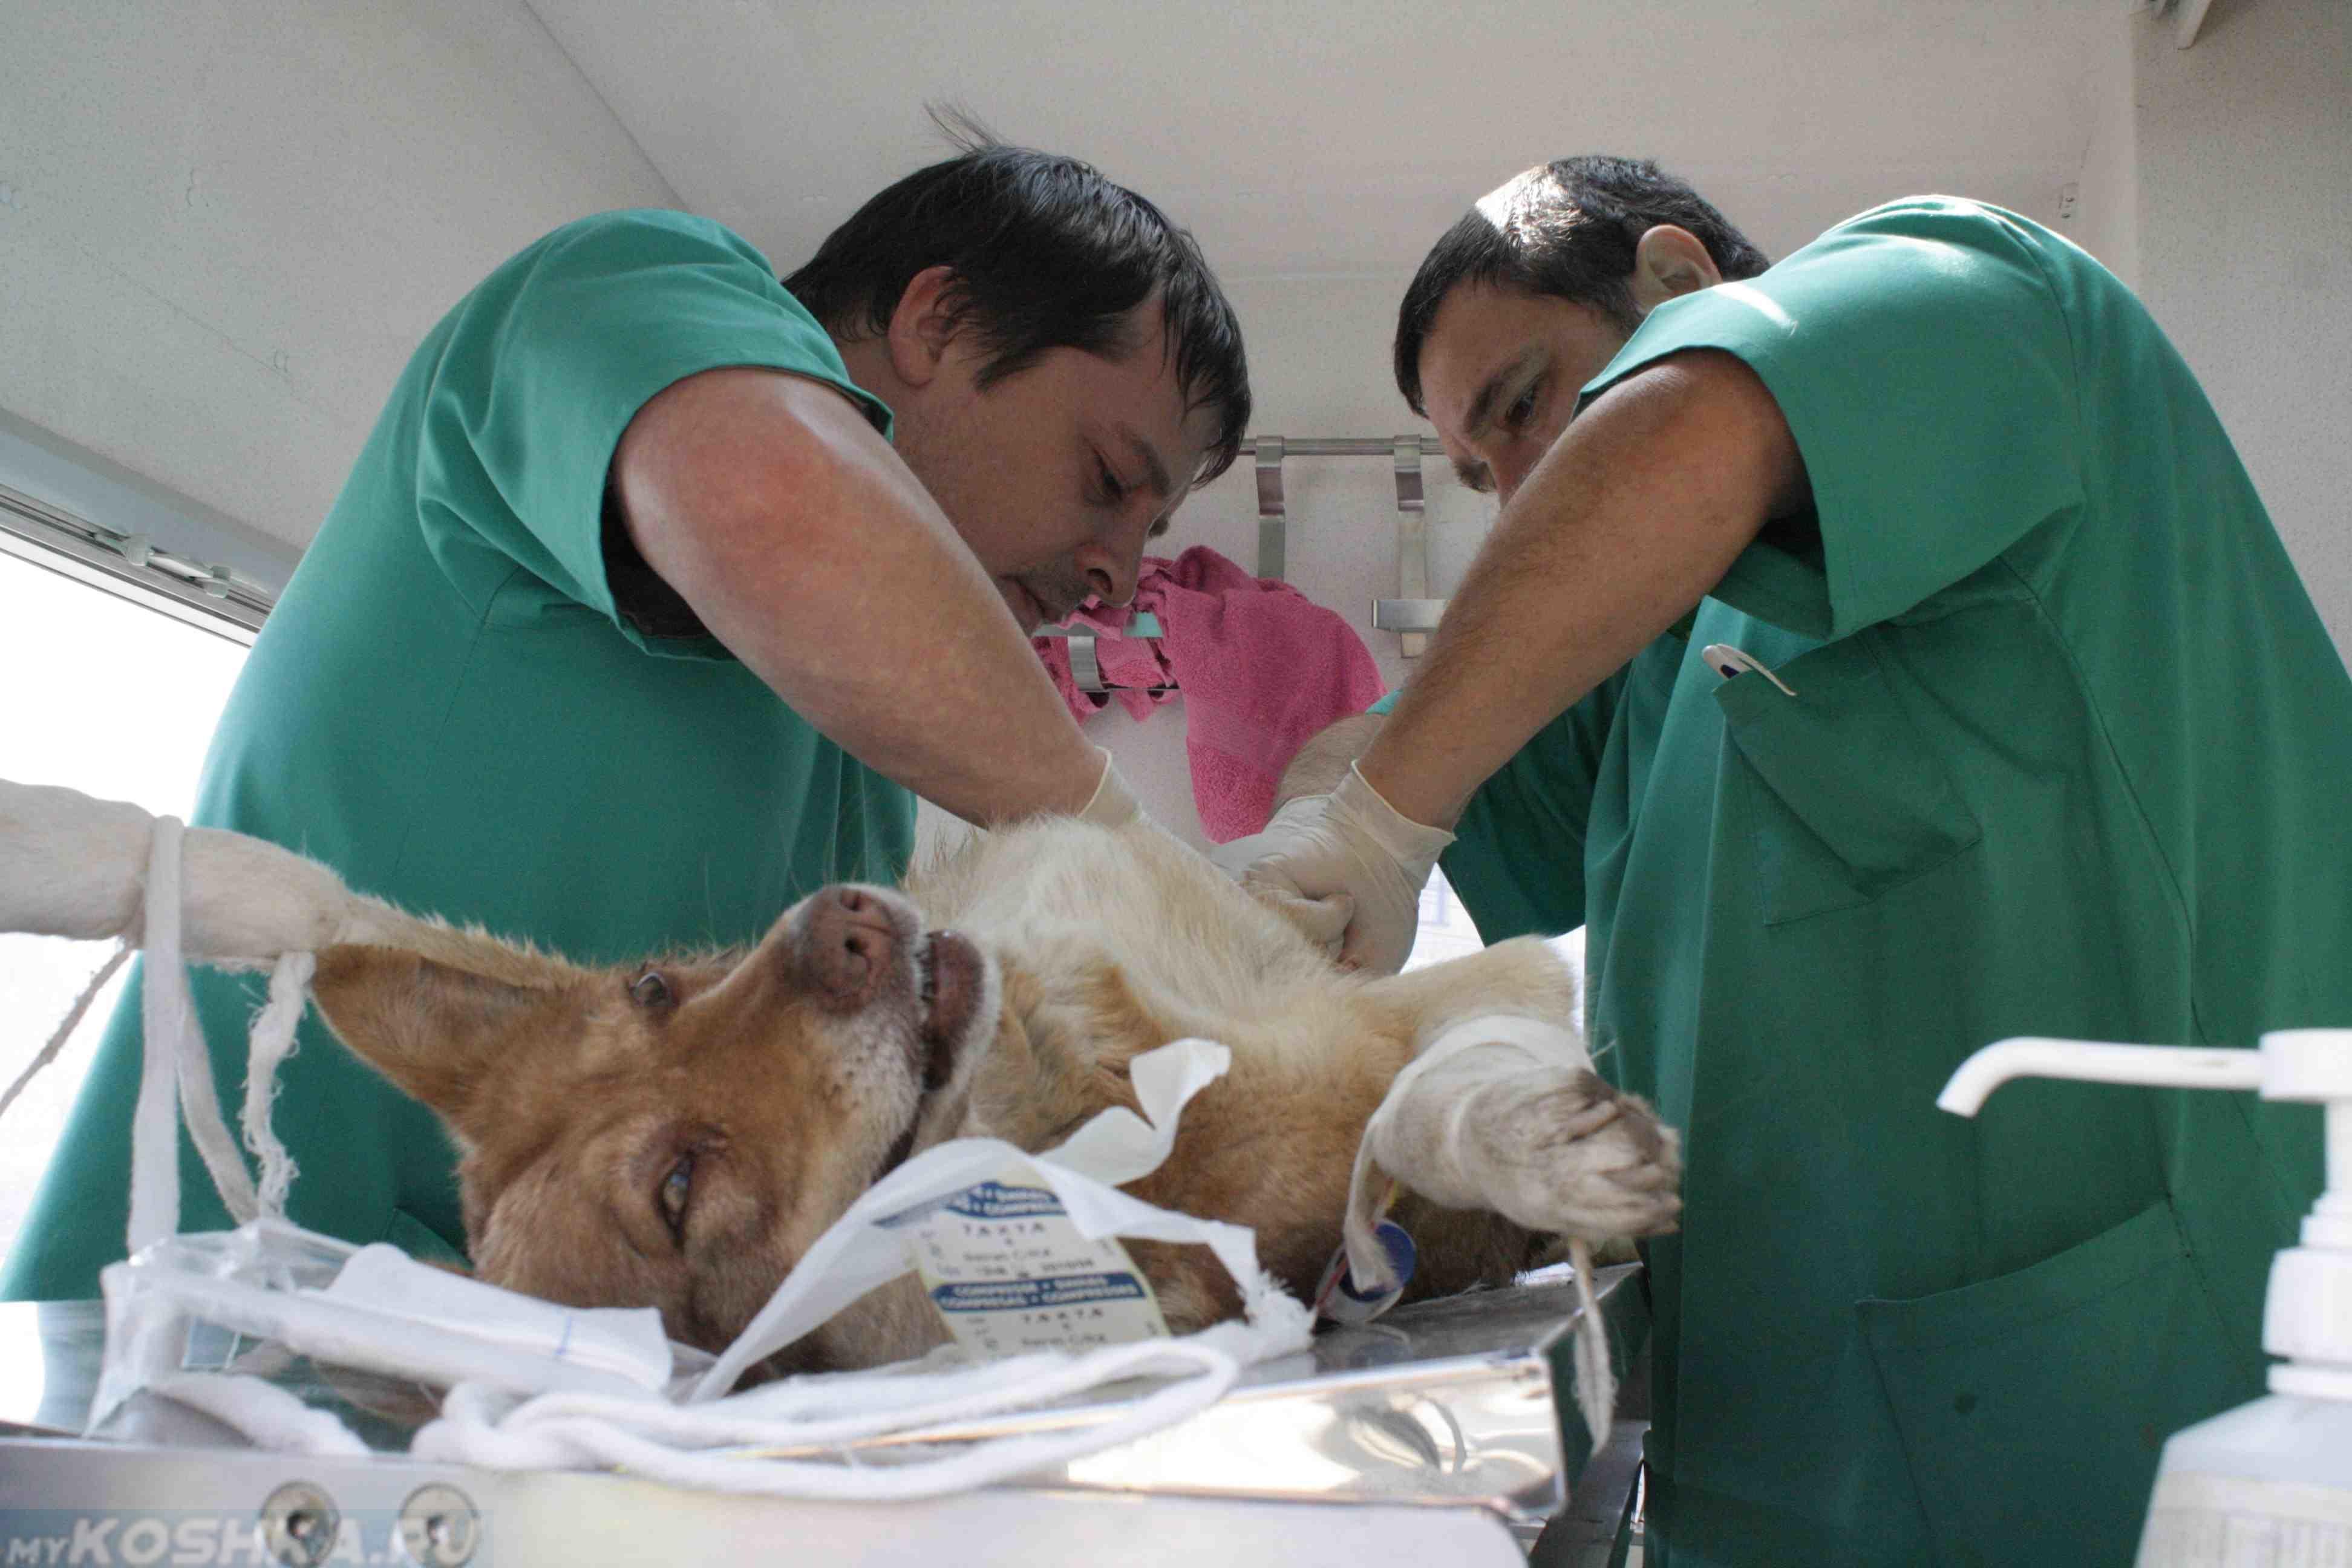 Стерилизация собаки на операционном столе в ветеринарной клинике